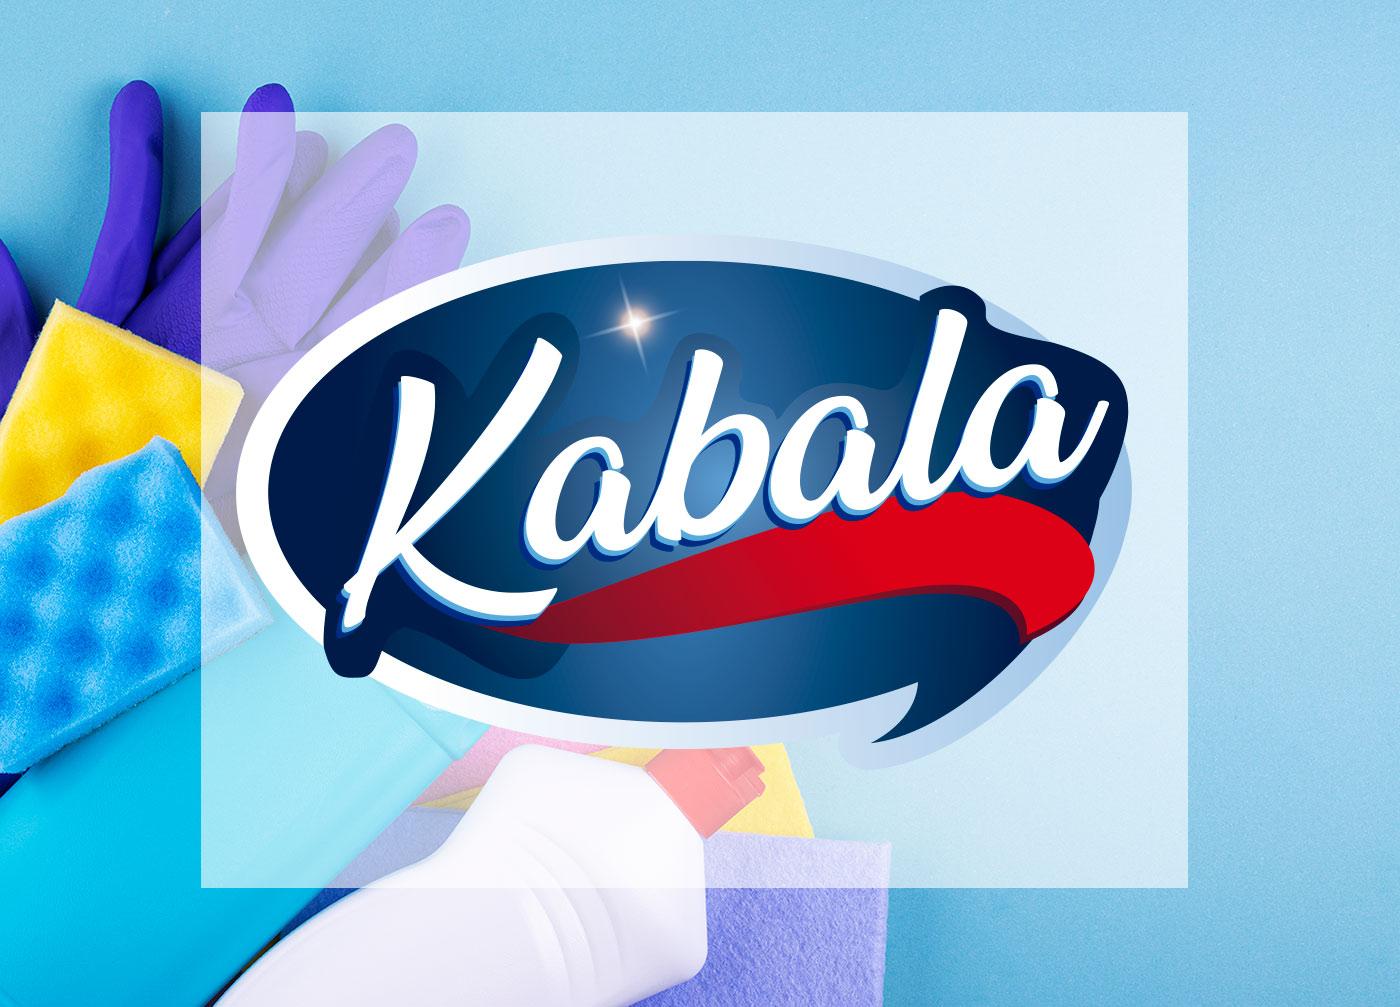 logo-kabala.jpg